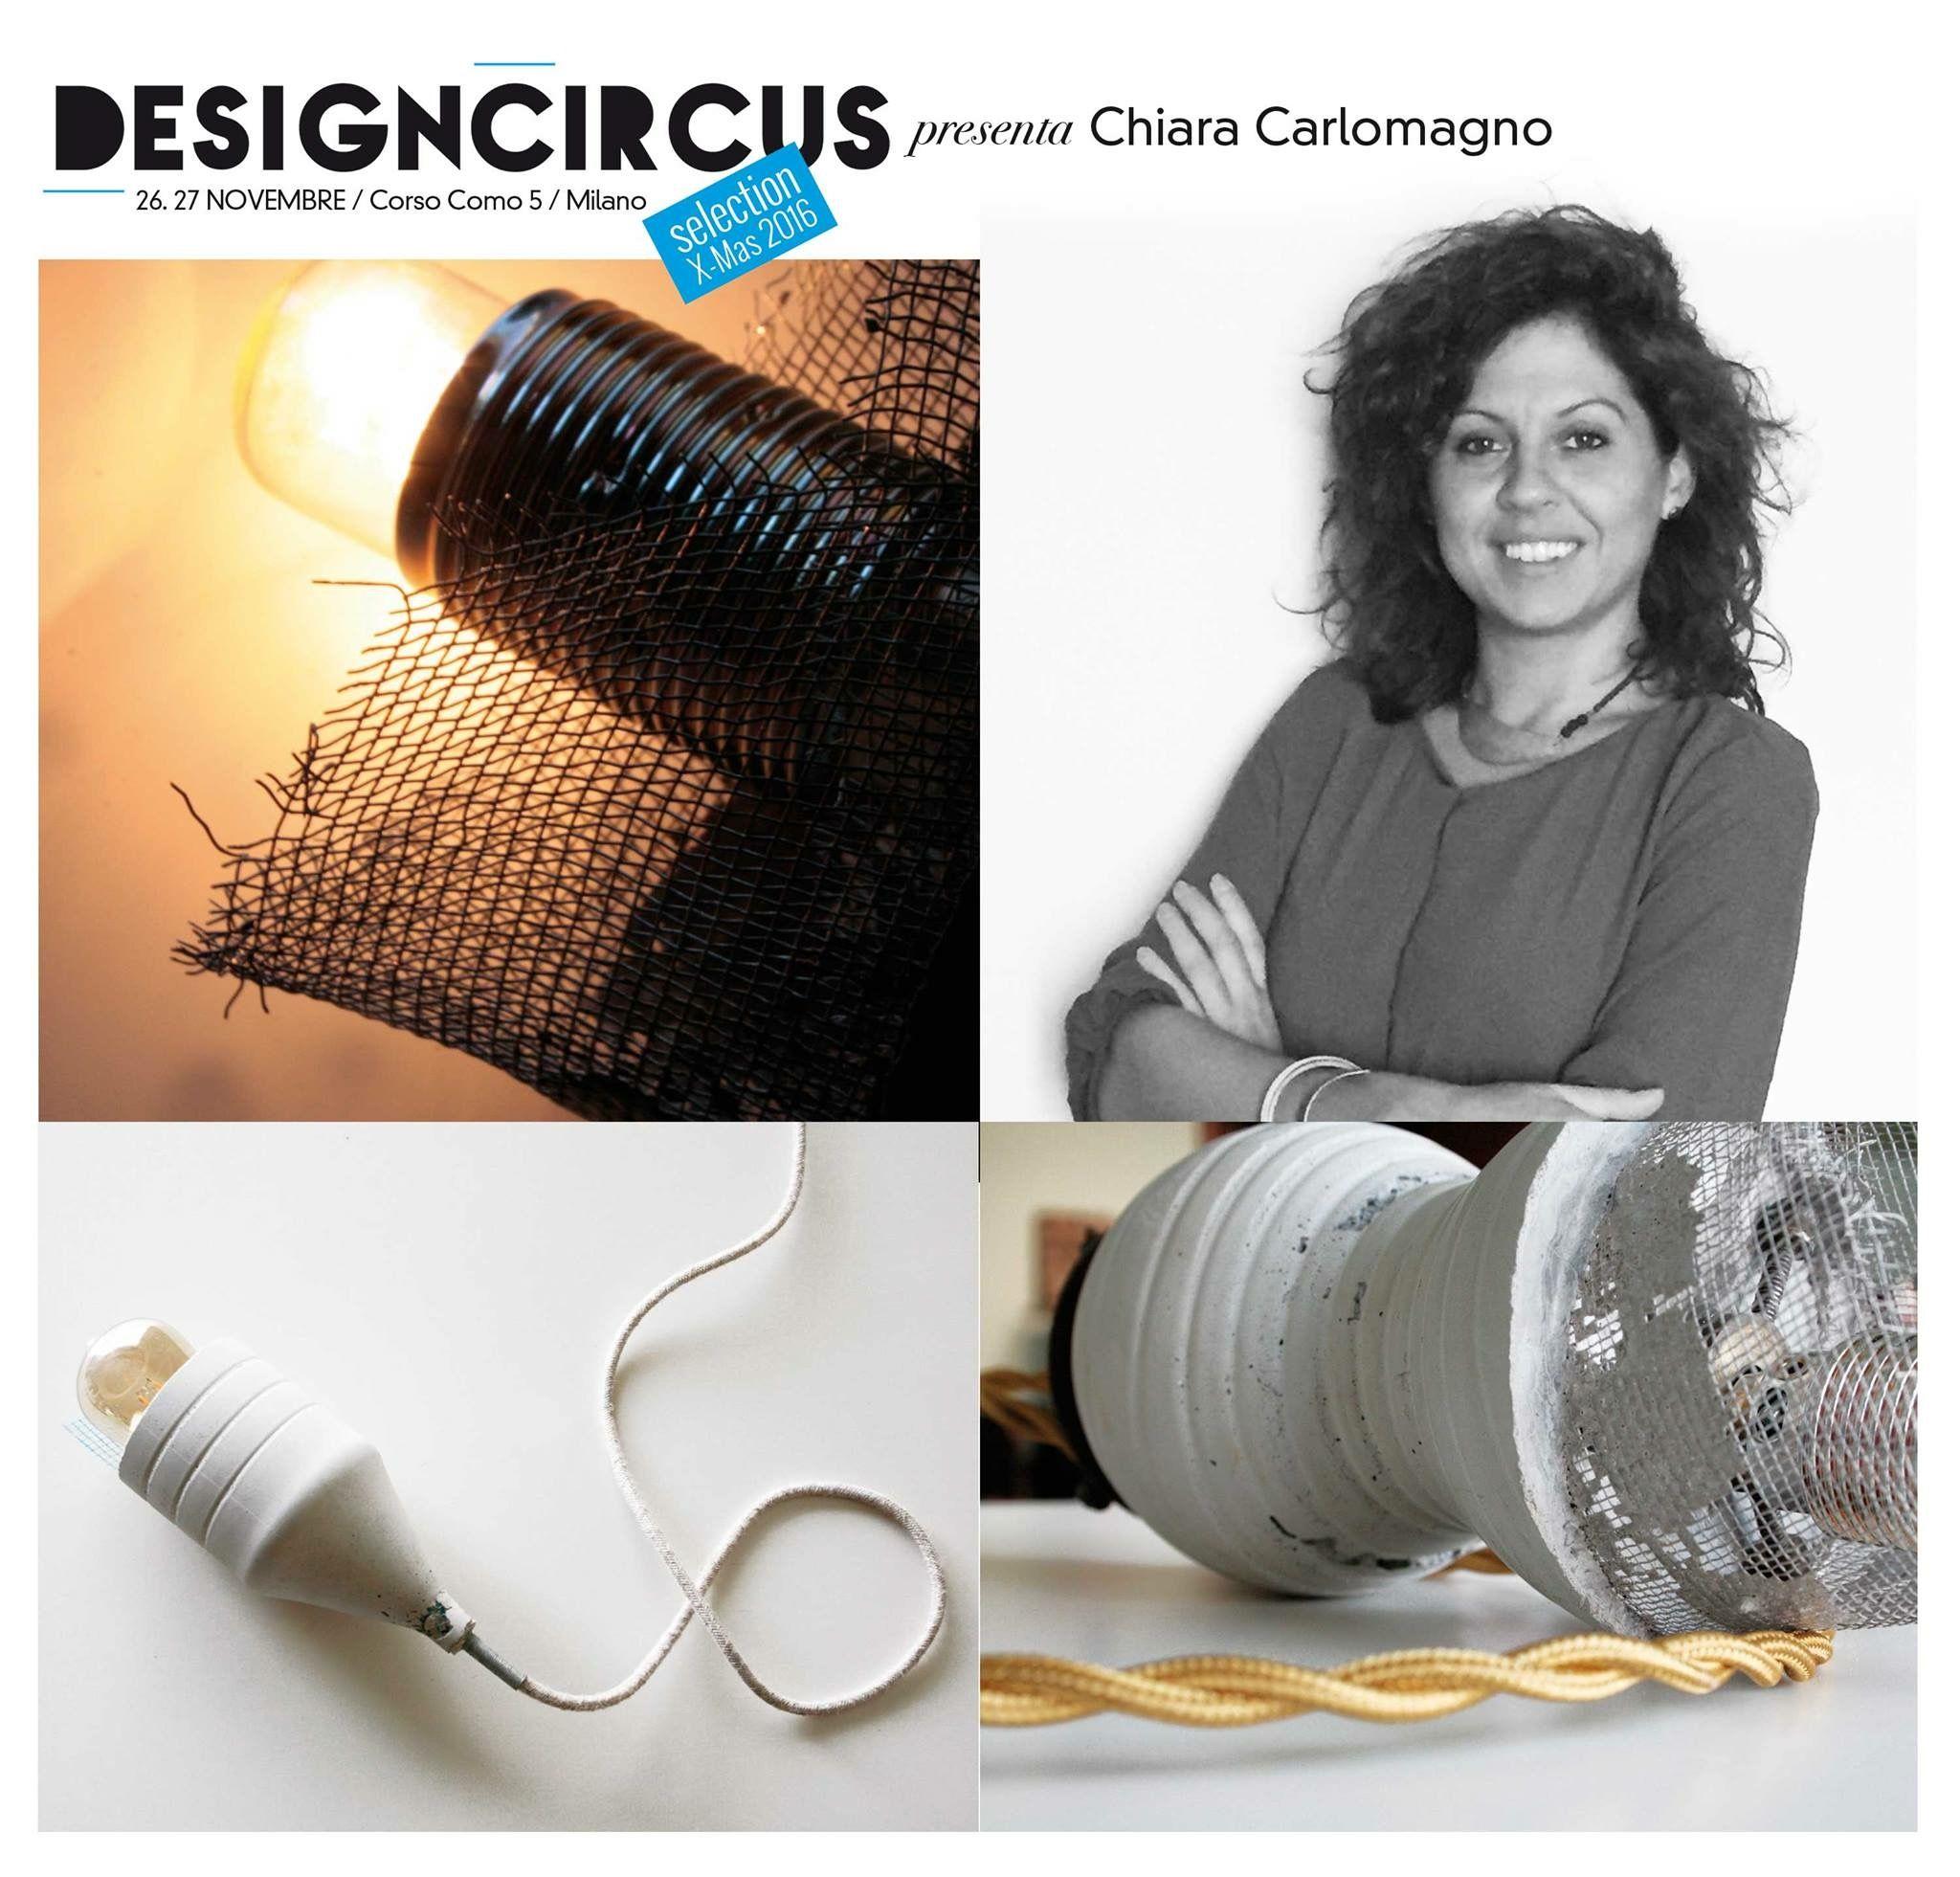 DESIGNCIRCUS presenta CHIARA CARLOMAGNO Con il brand Cì.Lab, l'architetto e designer Chiara Carlomagno realizza lampade - ma anche sgabelli, tavoli e vasi - impiegando materiali di scarto del settore edilizio. Su tutti, il cemento. Venite a scoprire le sue creazioni a DesignCircus, il 26 e il 27 novembre in corso Como 5!